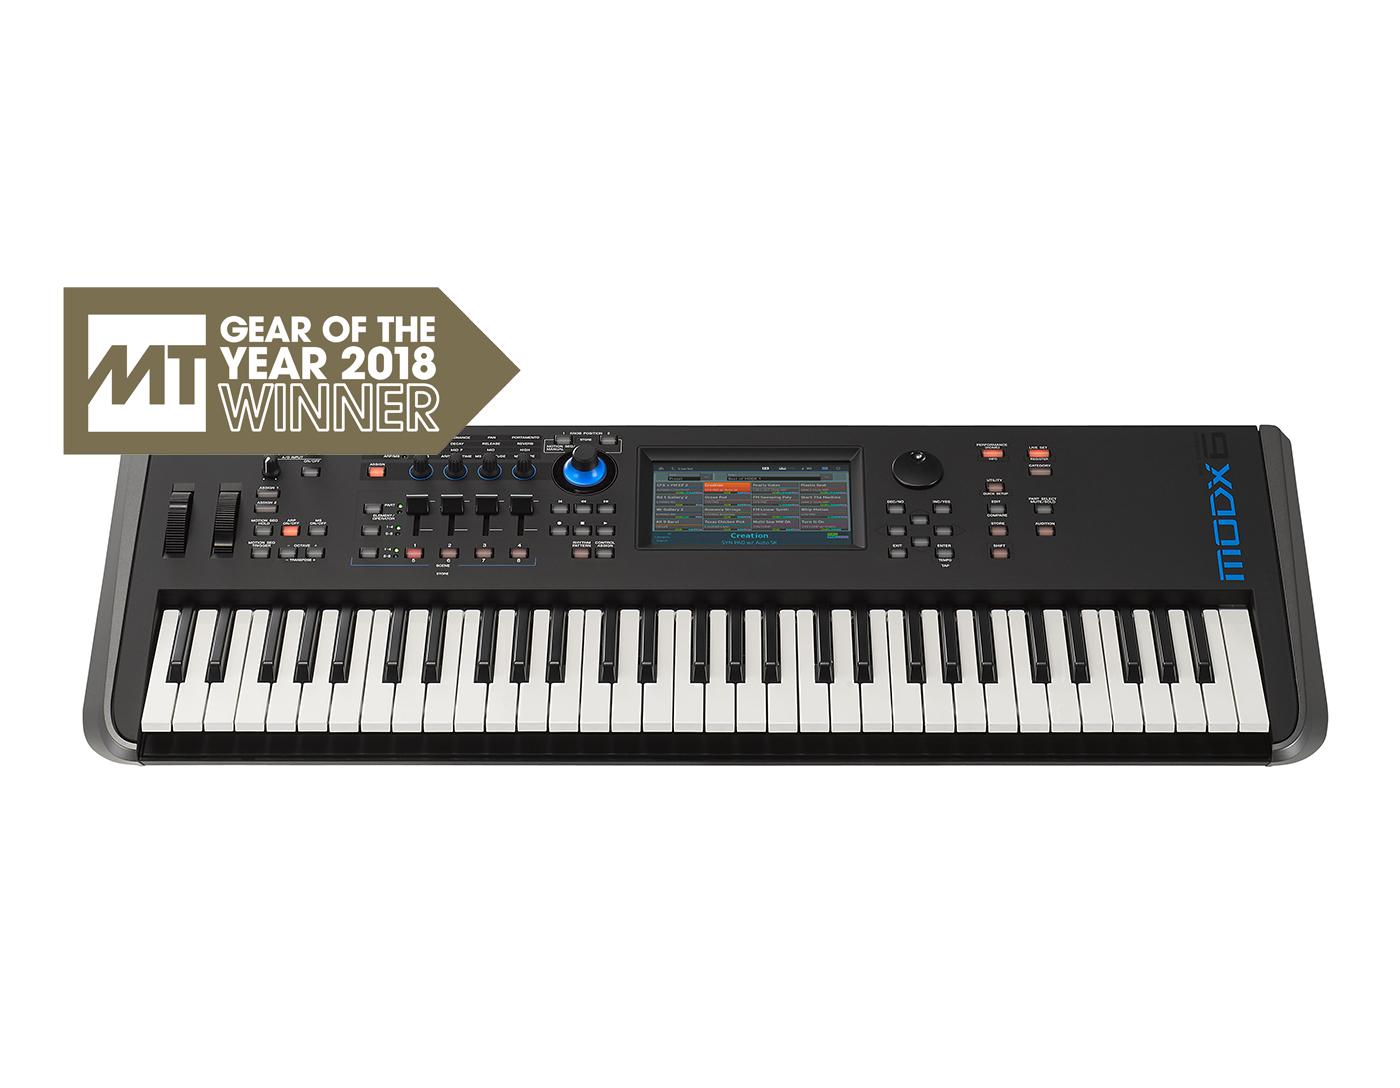 Gear of the Year 2018, Yamaha Modx6